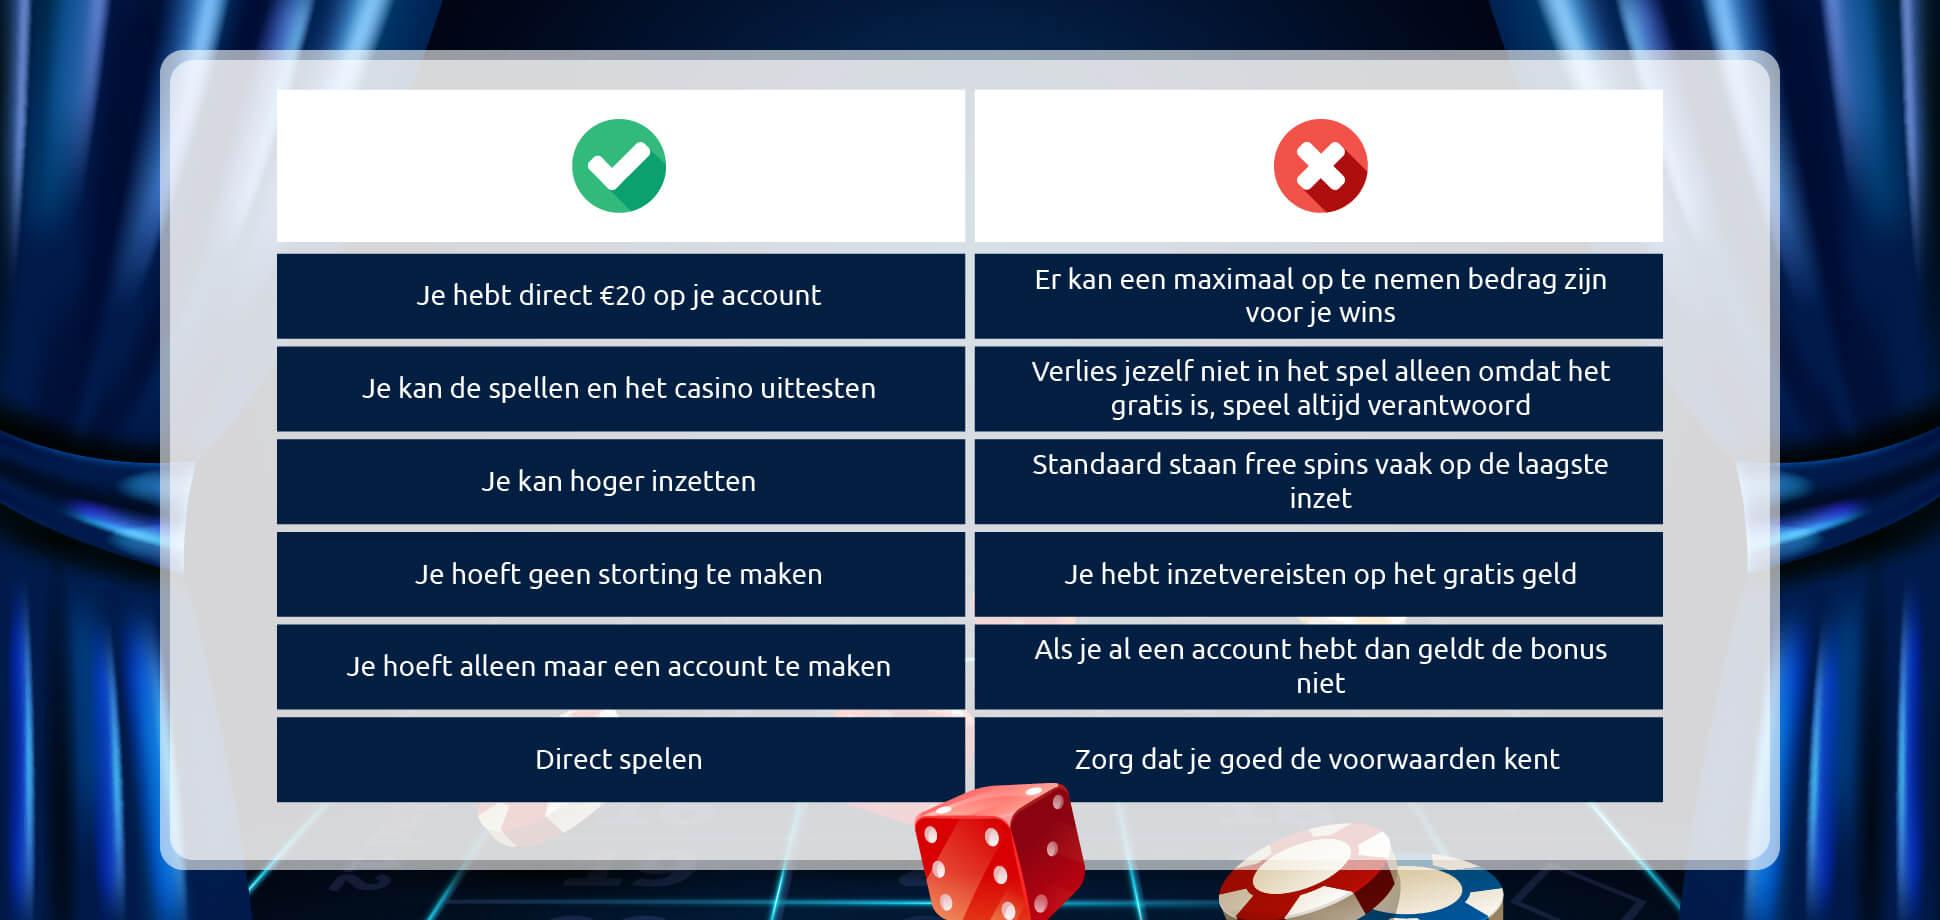 Voor en nadelen casino bonus